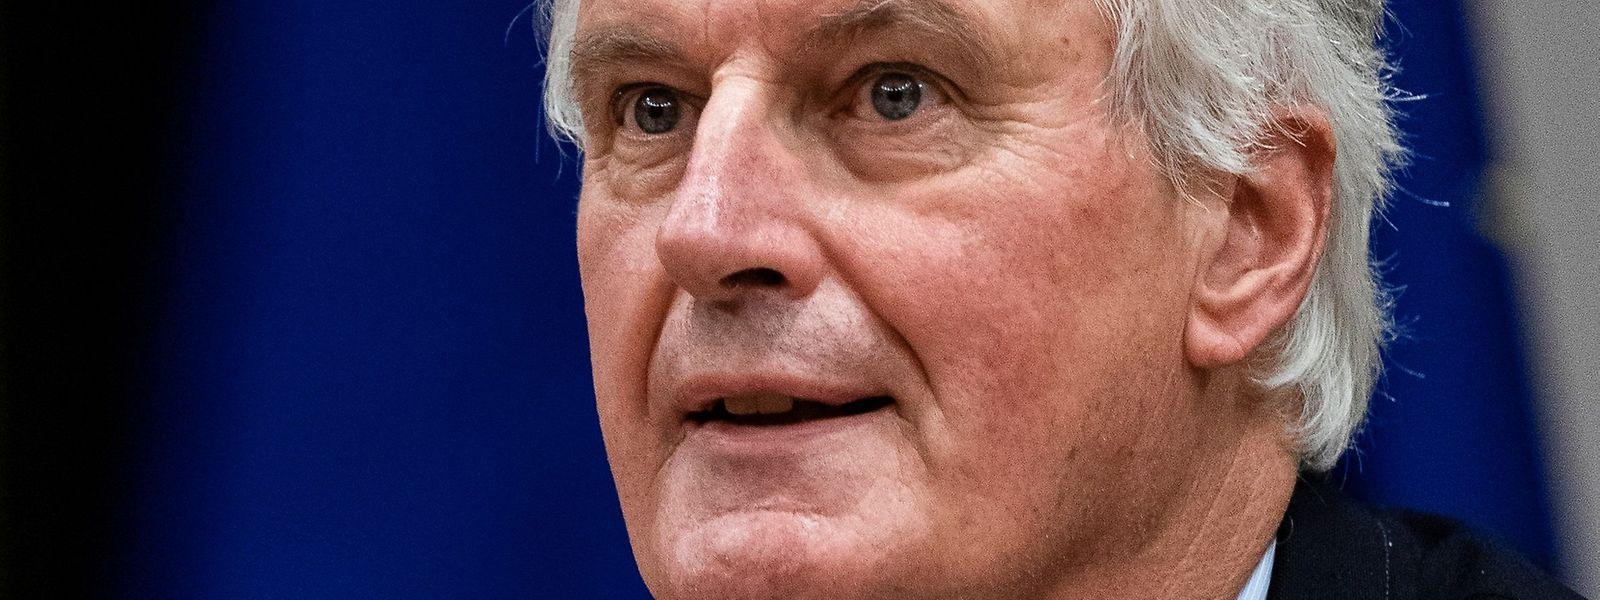 Eine Billigung eines Abkommens durch den Gipfel ist laut Barnier eher unwahrscheinlich.